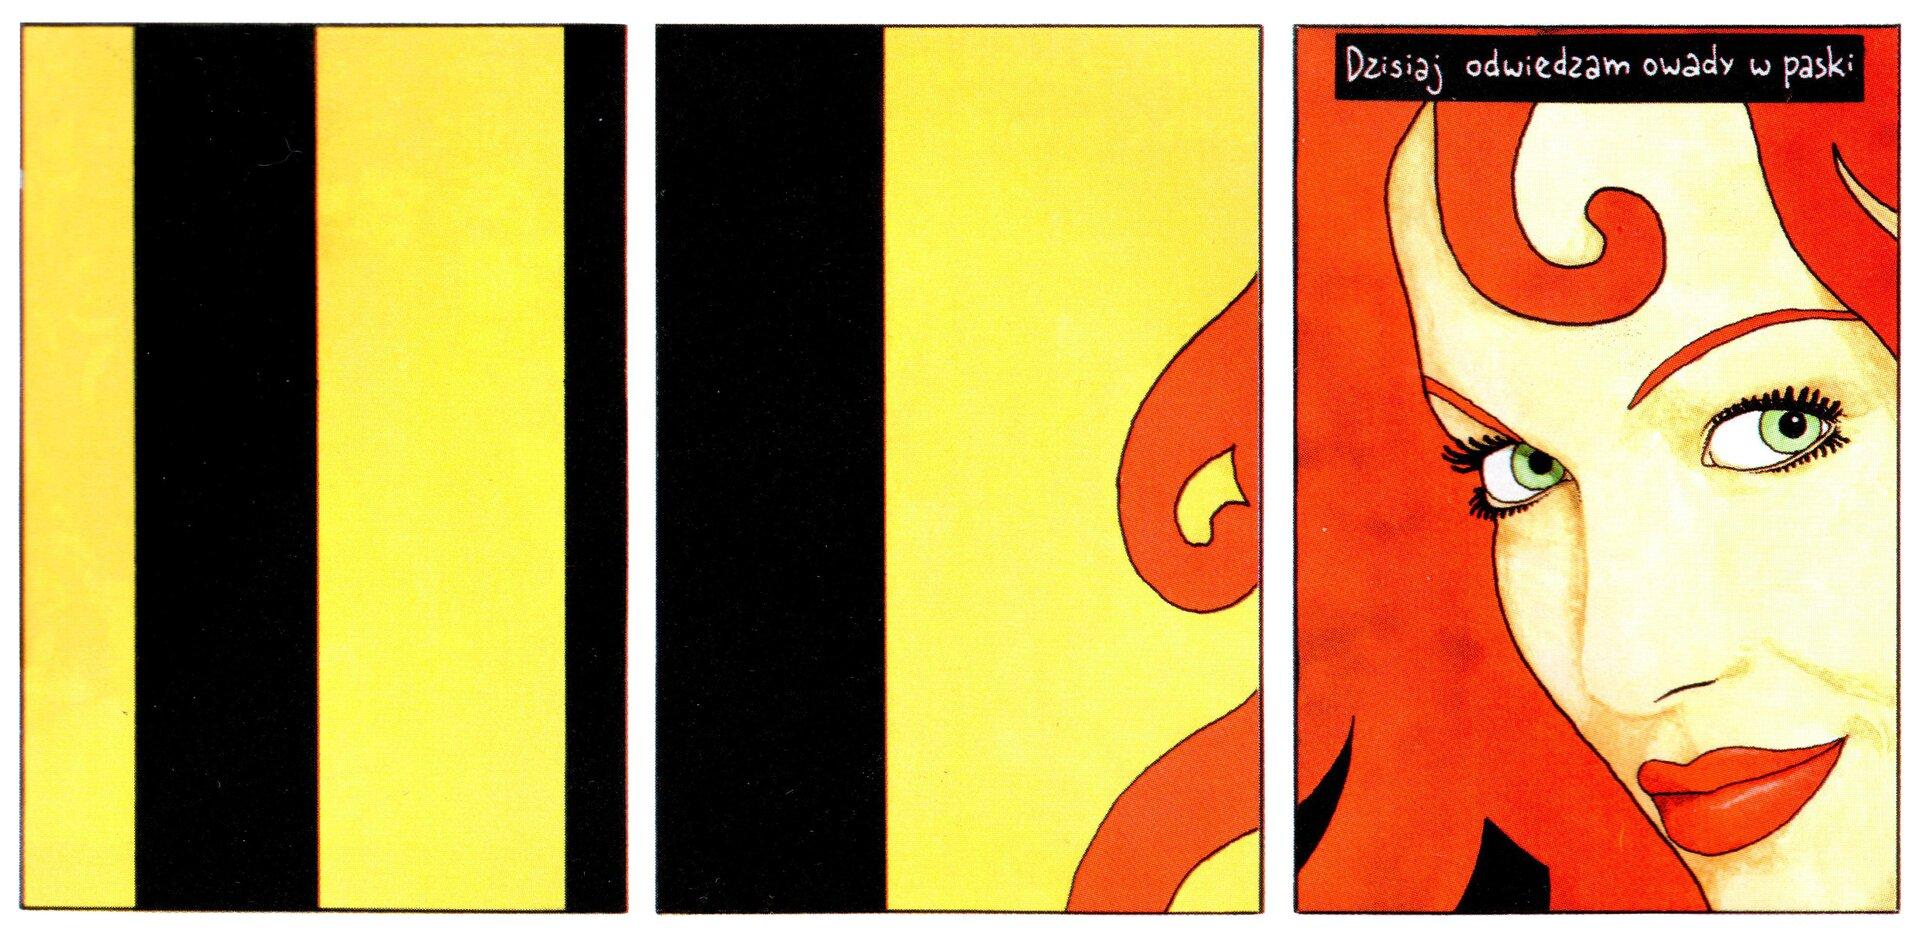 """Ilustracja przedstawia scenę zkomiksu """"Weronika sama wdomu"""". Kobieta wczerwonych włosach na żółto - czarnym tle wpionowe paski. Nad jej głową jest napis: """"Dzisiaj odwiedzam owady wpaski"""". Scena wykonana techniką kolażu."""